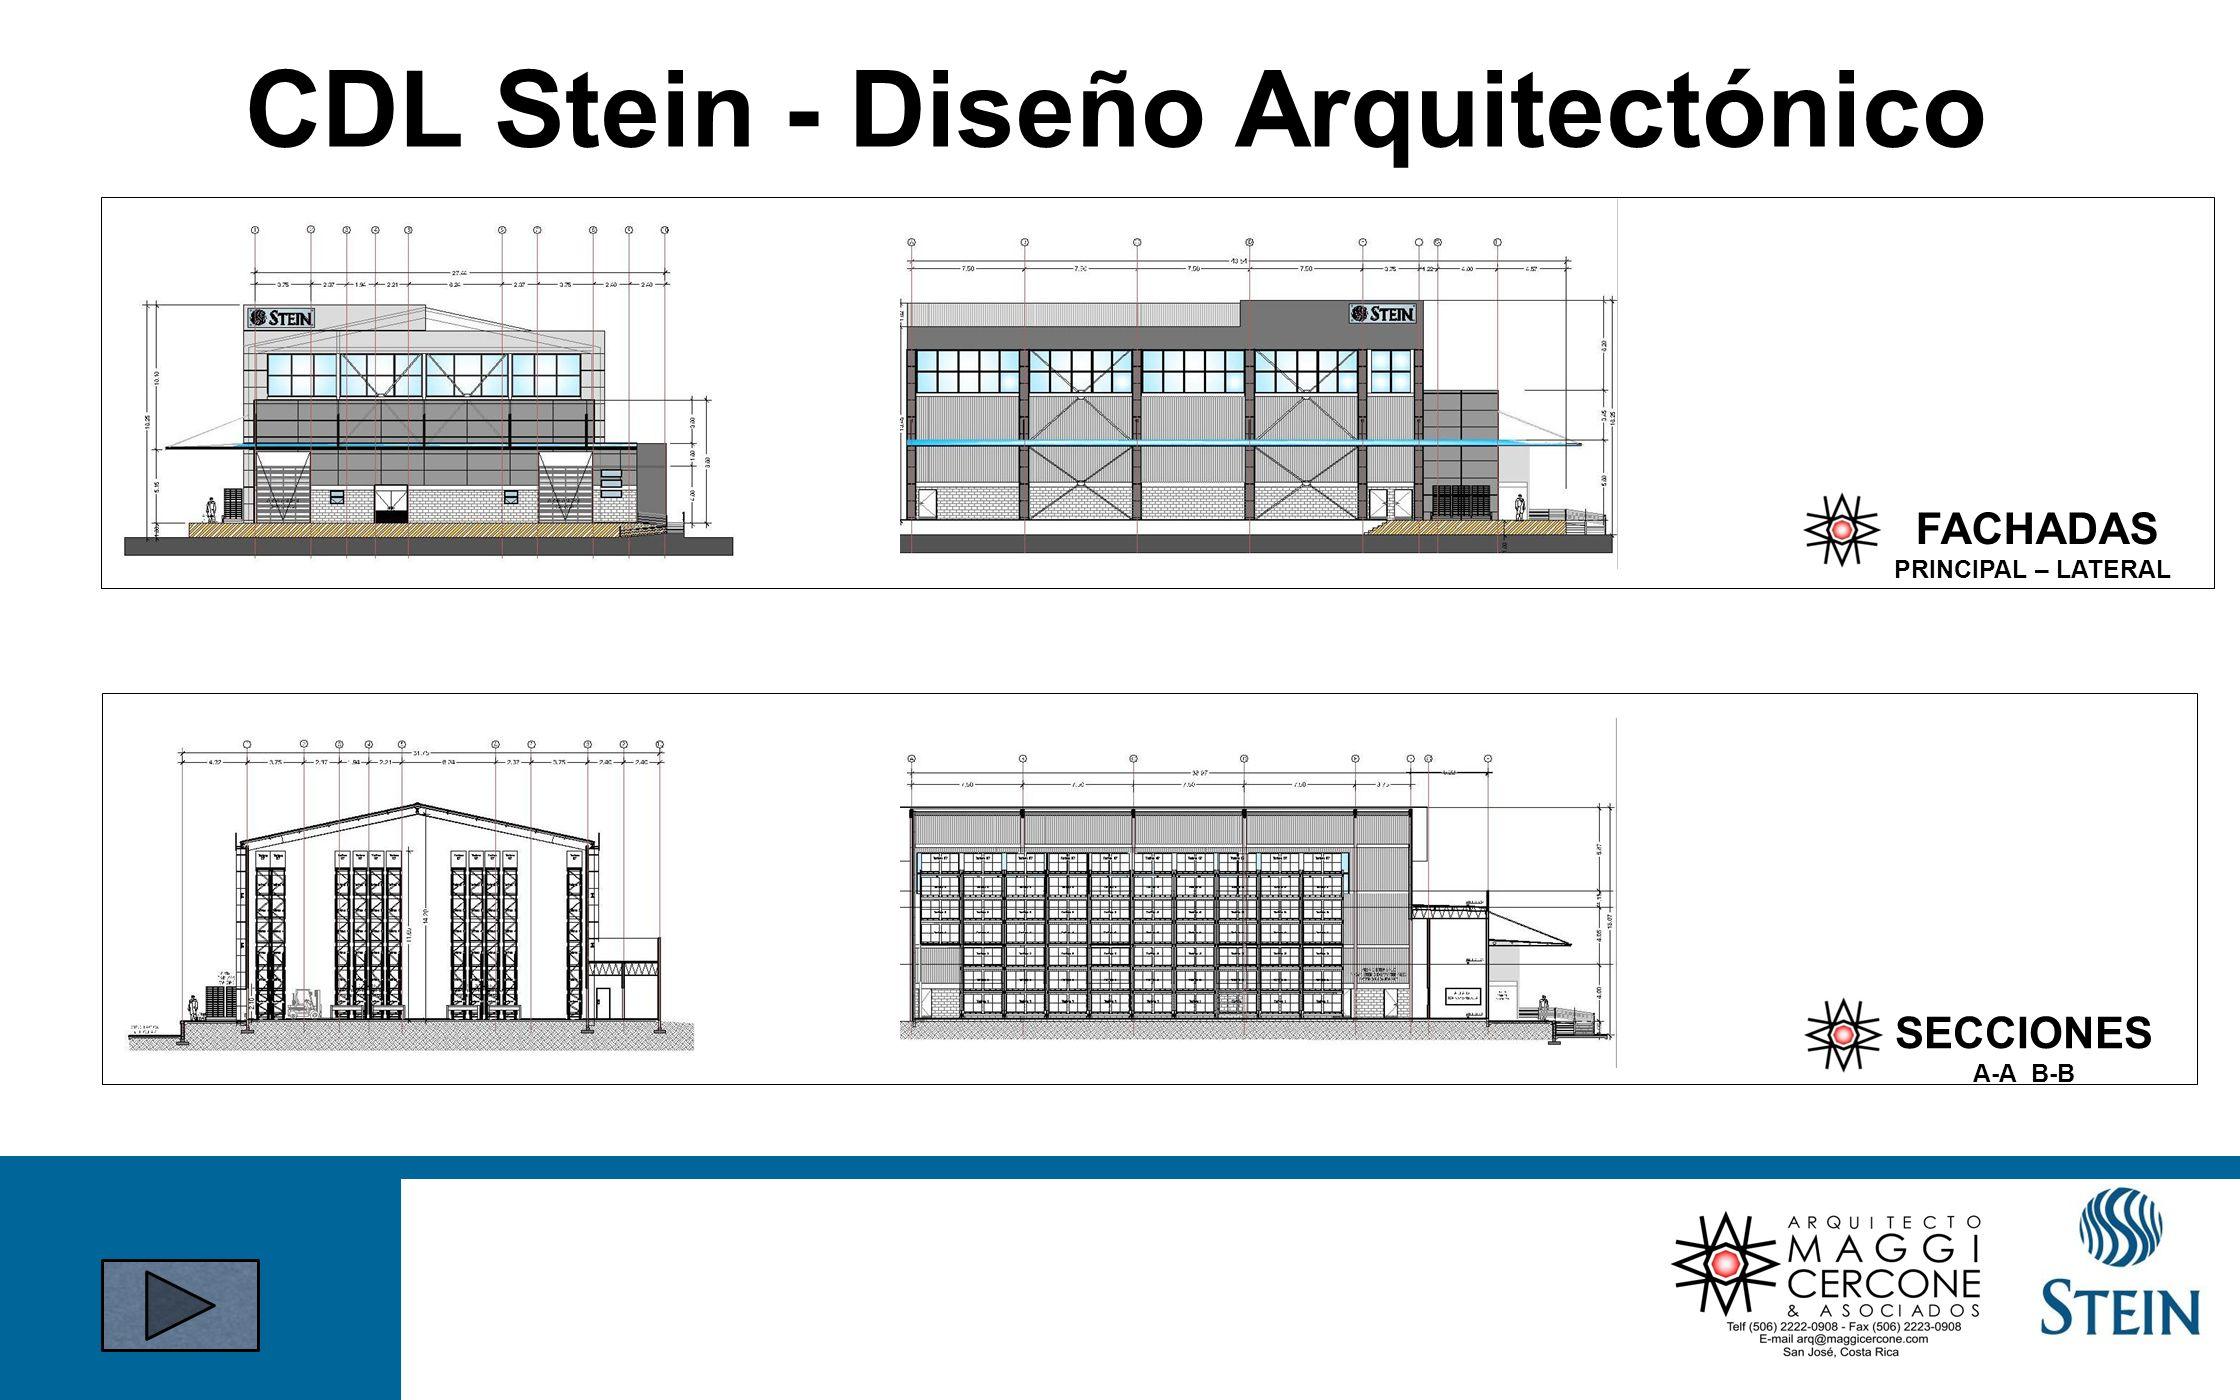 FACHADAS PRINCIPAL – LATERAL SECCIONES A-A B-B CDL Stein - Diseño Arquitectónico